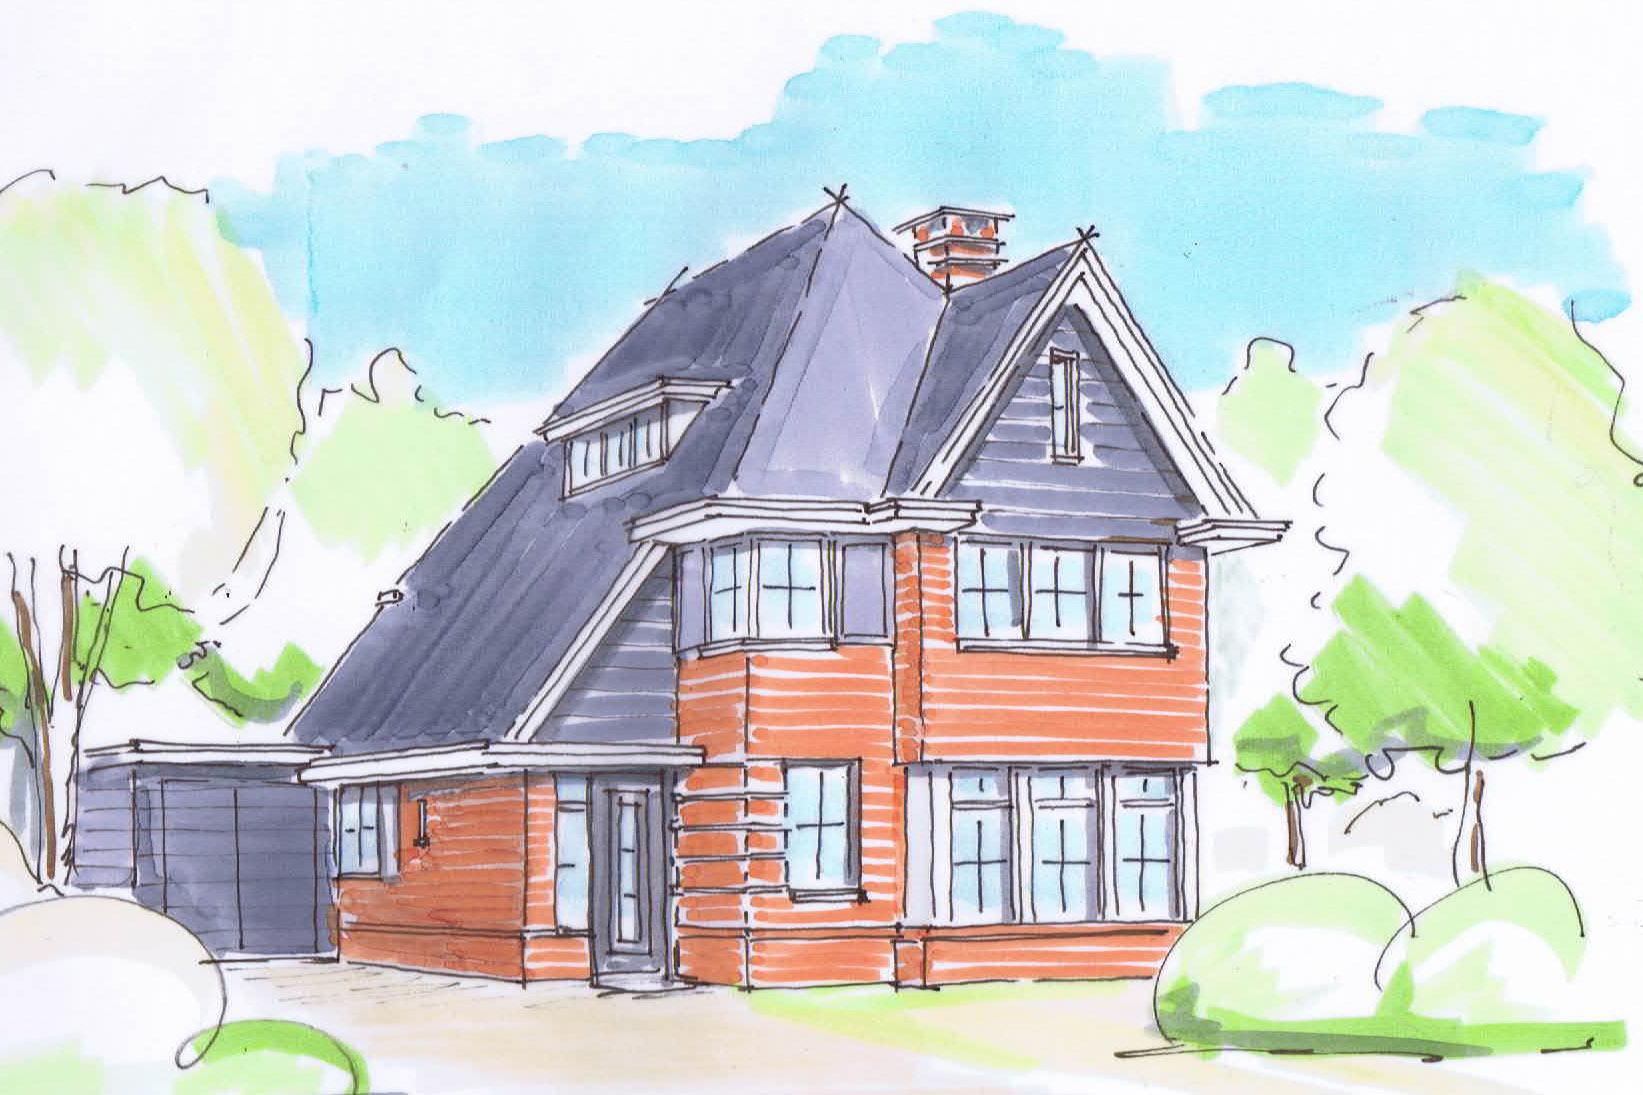 #A4452722383504 Nieuwbouw Jaren 30 Villa Doorn Meest recente Klassieke Woning 3591 pic 164310953591 Ontwerp